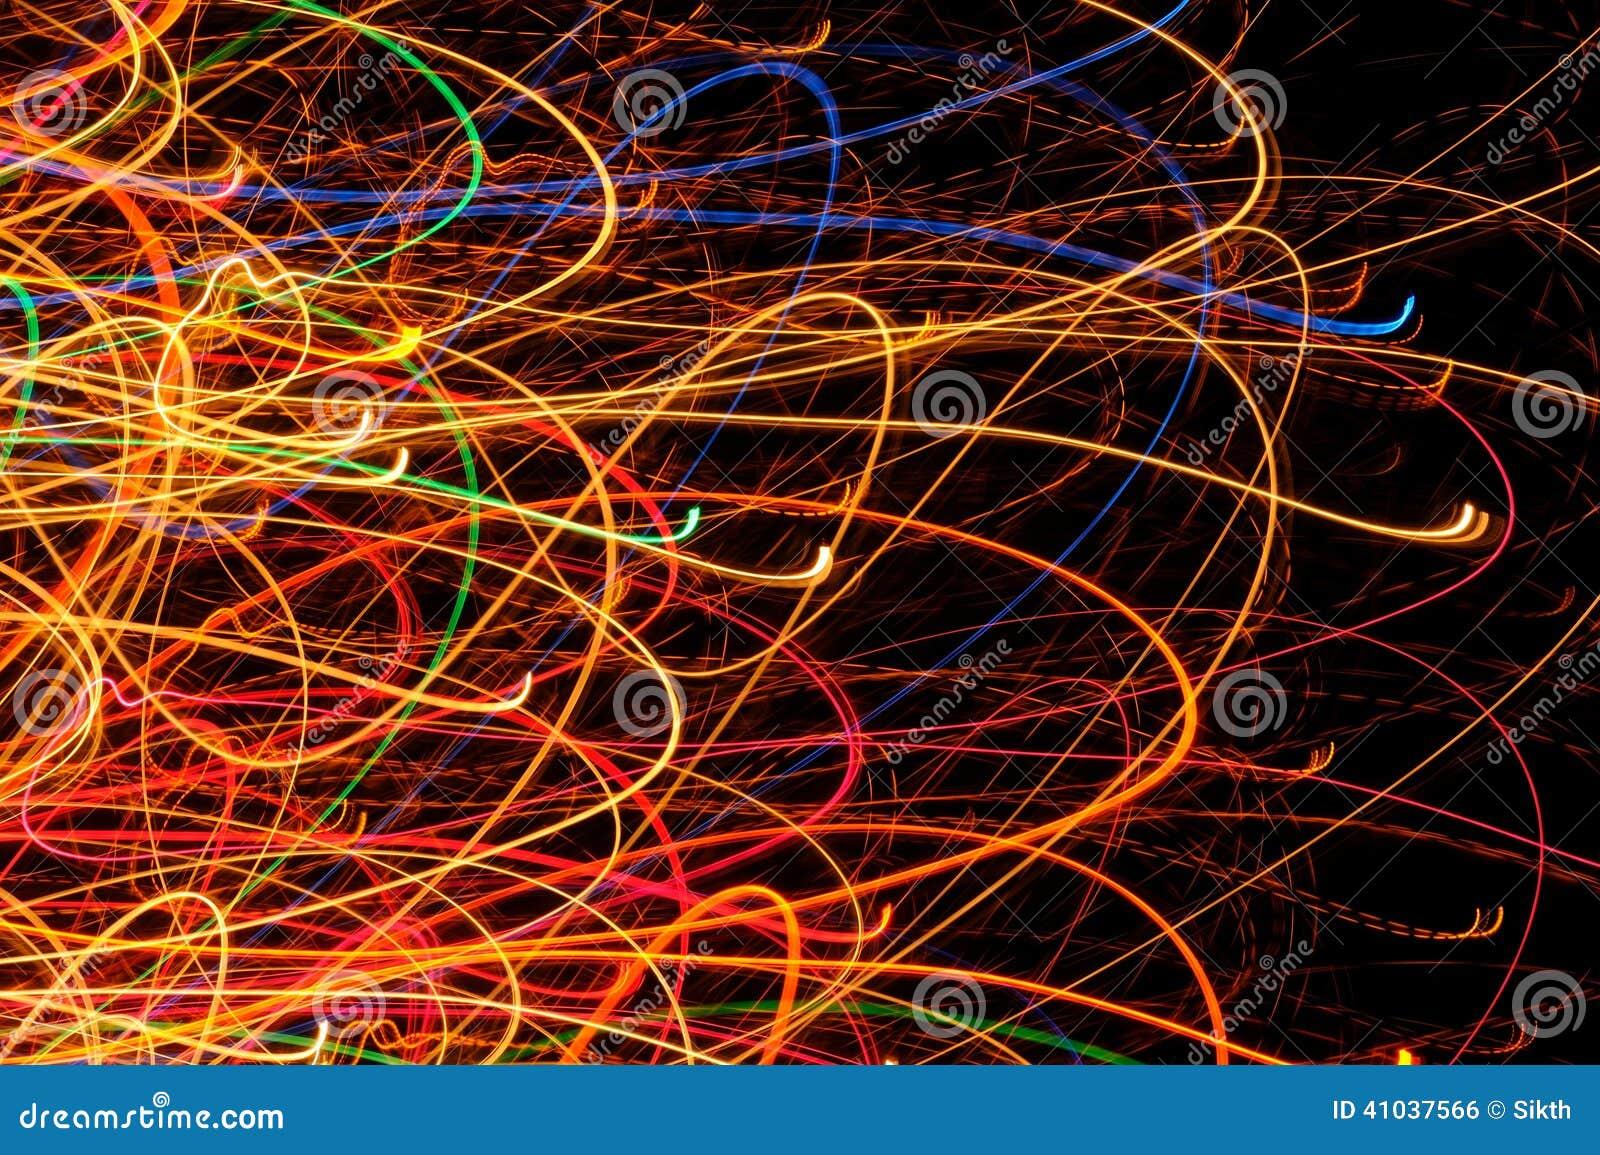 Líneas y curvas que brillan intensamente multicoloras brillantes abstractas en fondo negro